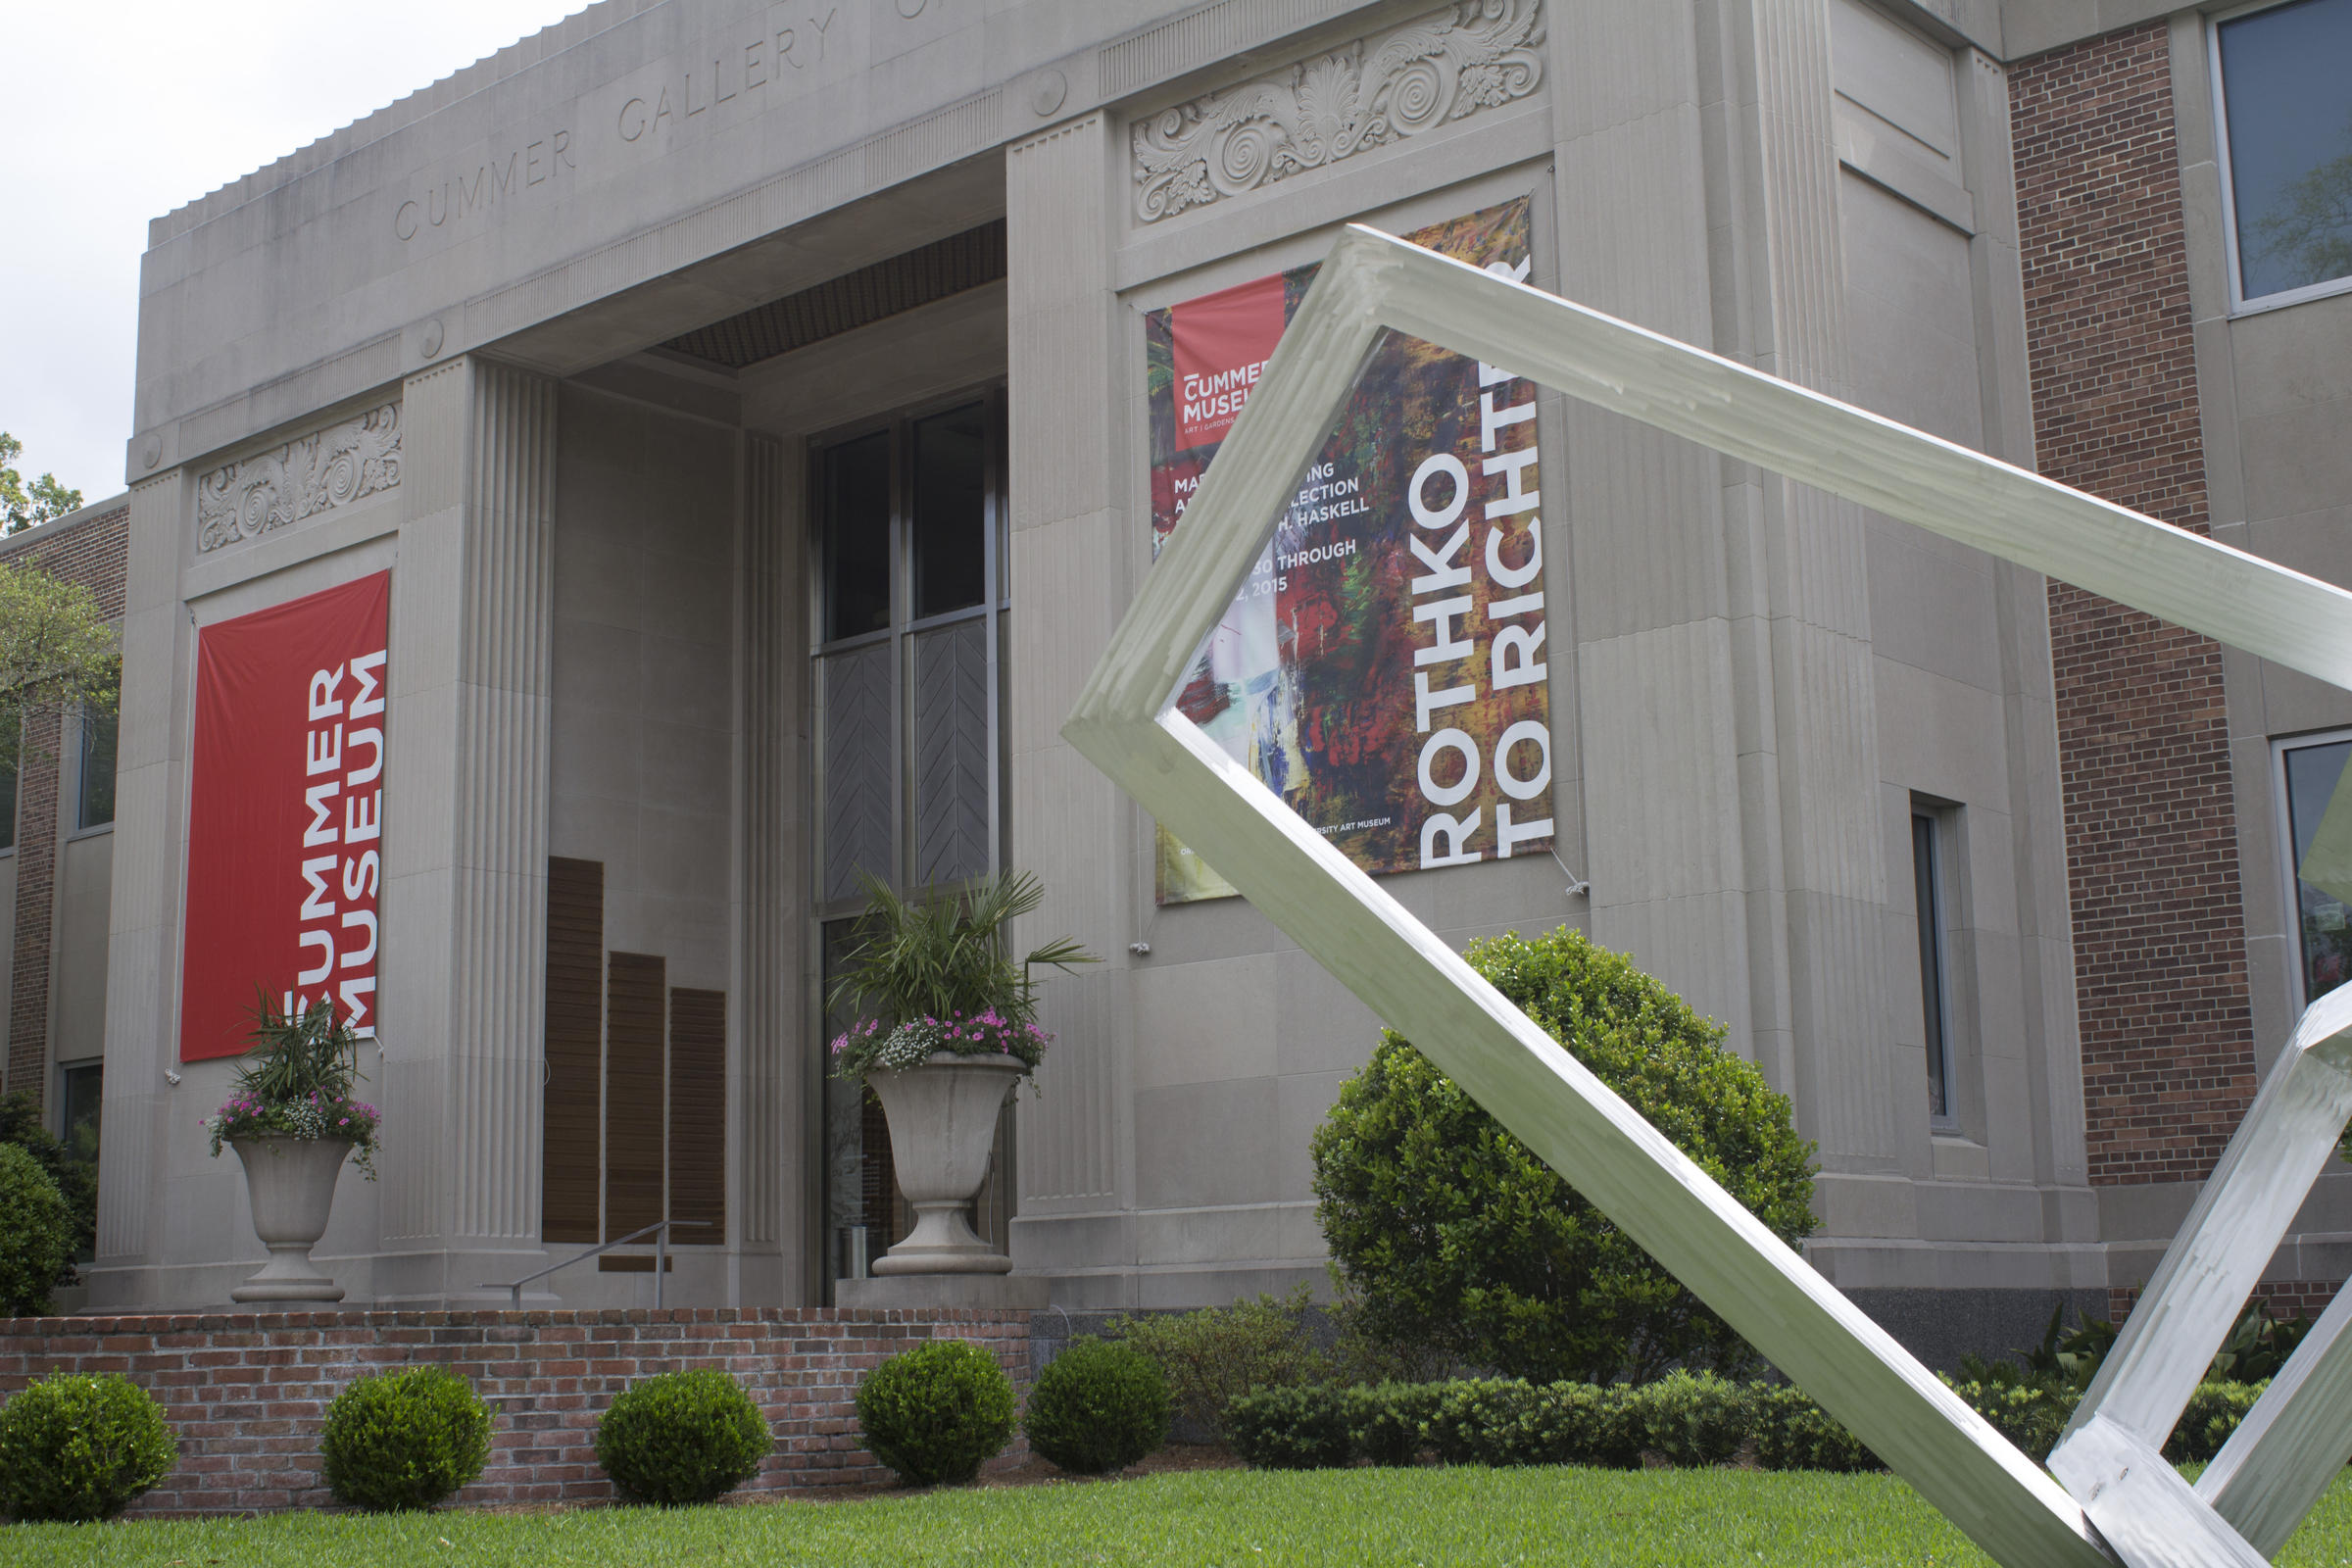 Pushing Public Art Cummer Museum Hosts Pop Up Sculpture